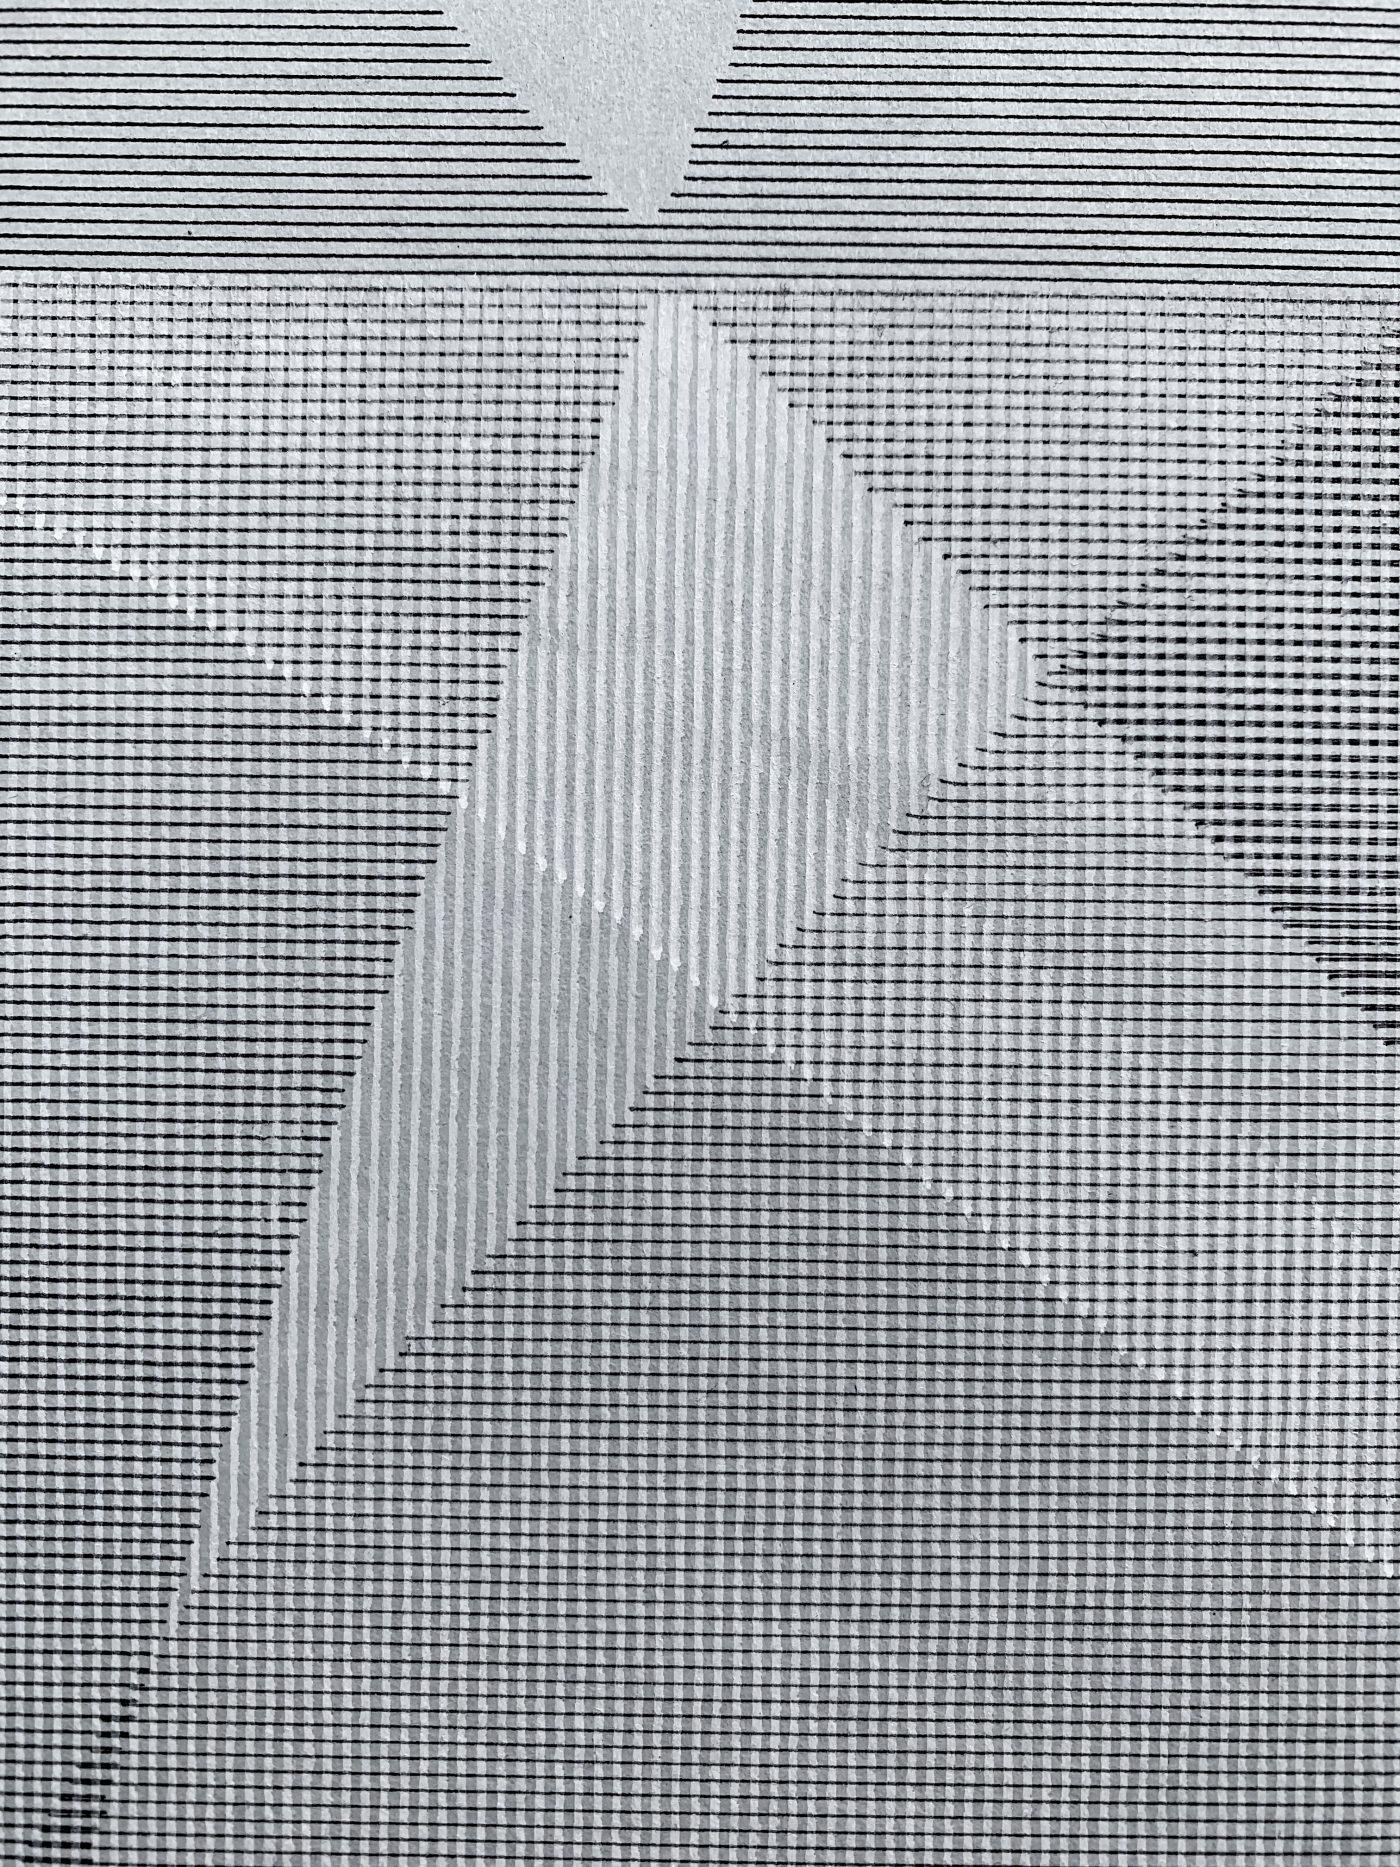 x044 - 13 February